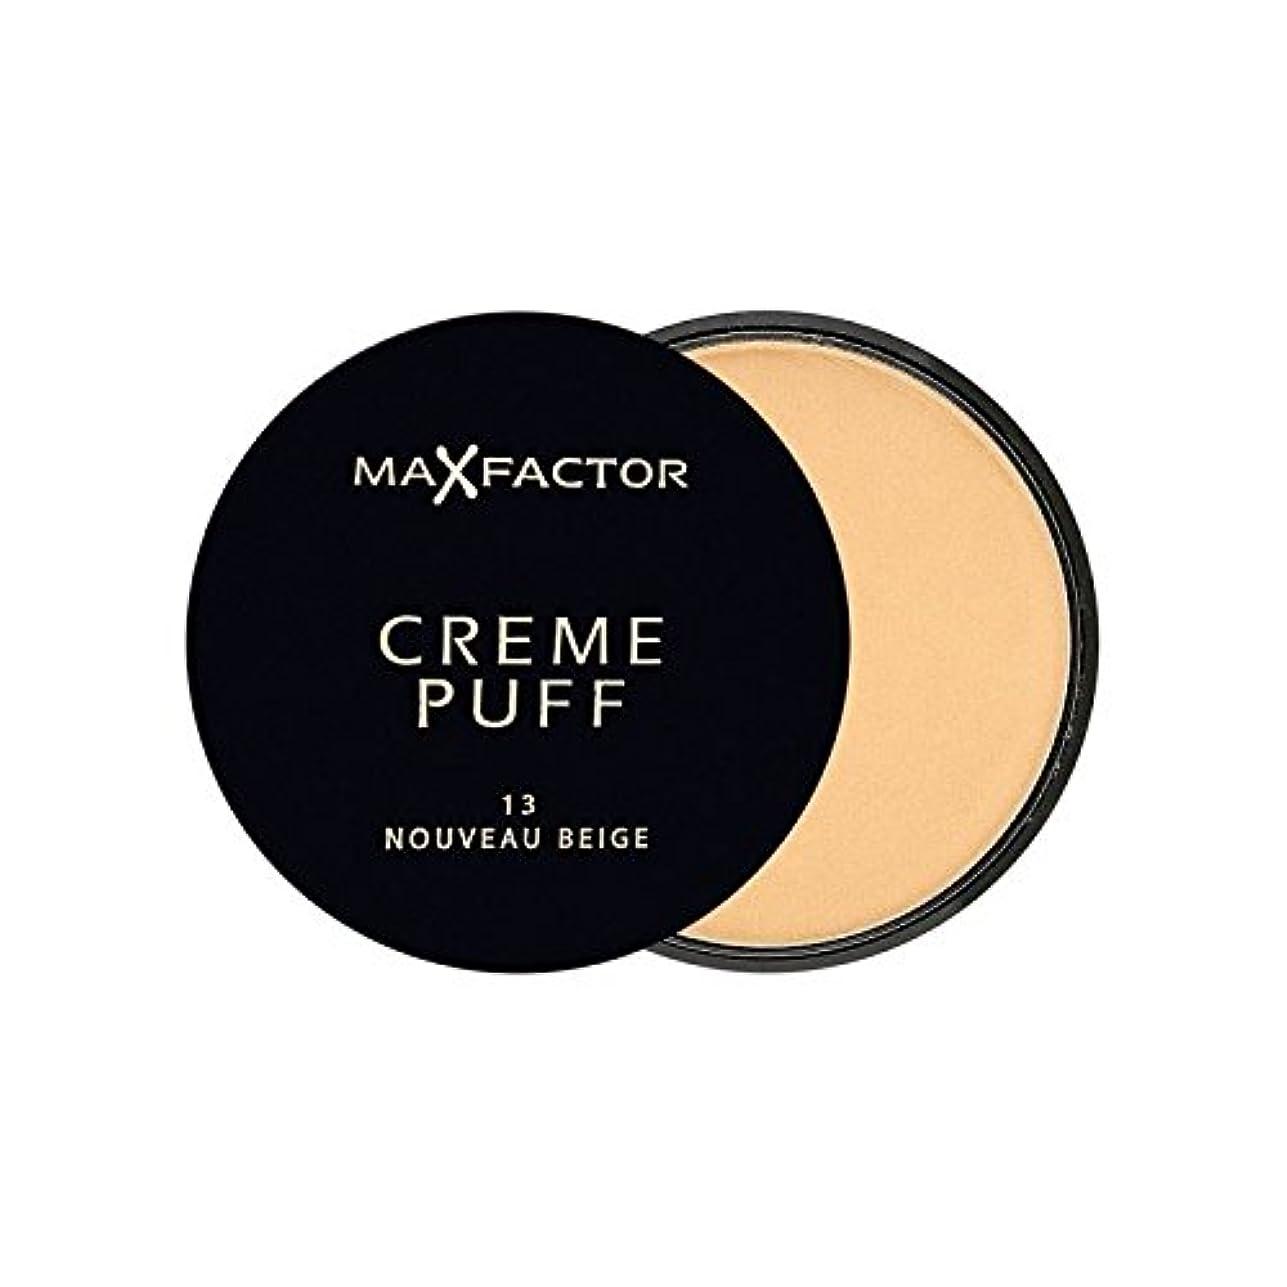 上回る振り向くペパーミントマックスファクタークリームパフ粉末コンパクトヌーボーベージュ13 x4 - Max Factor Creme Puff Powder Compact Nouveau Beige 13 (Pack of 4) [並行輸入品]